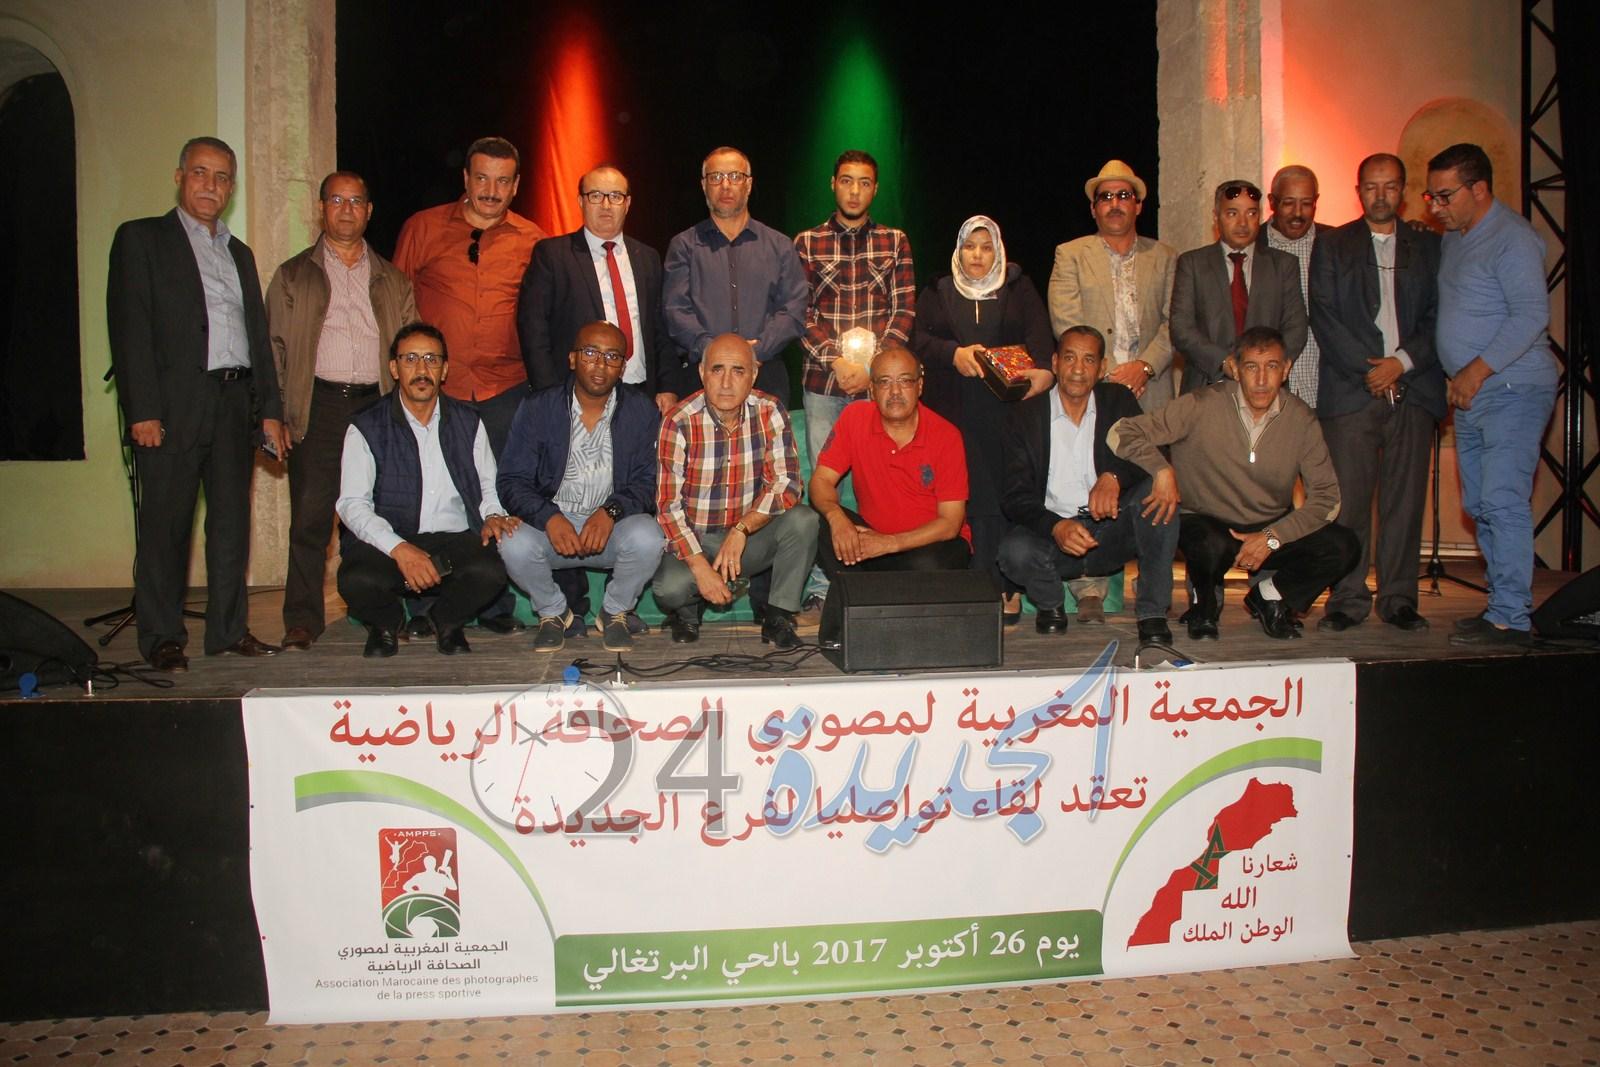 الجمعية المغربية لمصوري الصحافة الرياضية تنظم يوما تواصليا بالجديدة